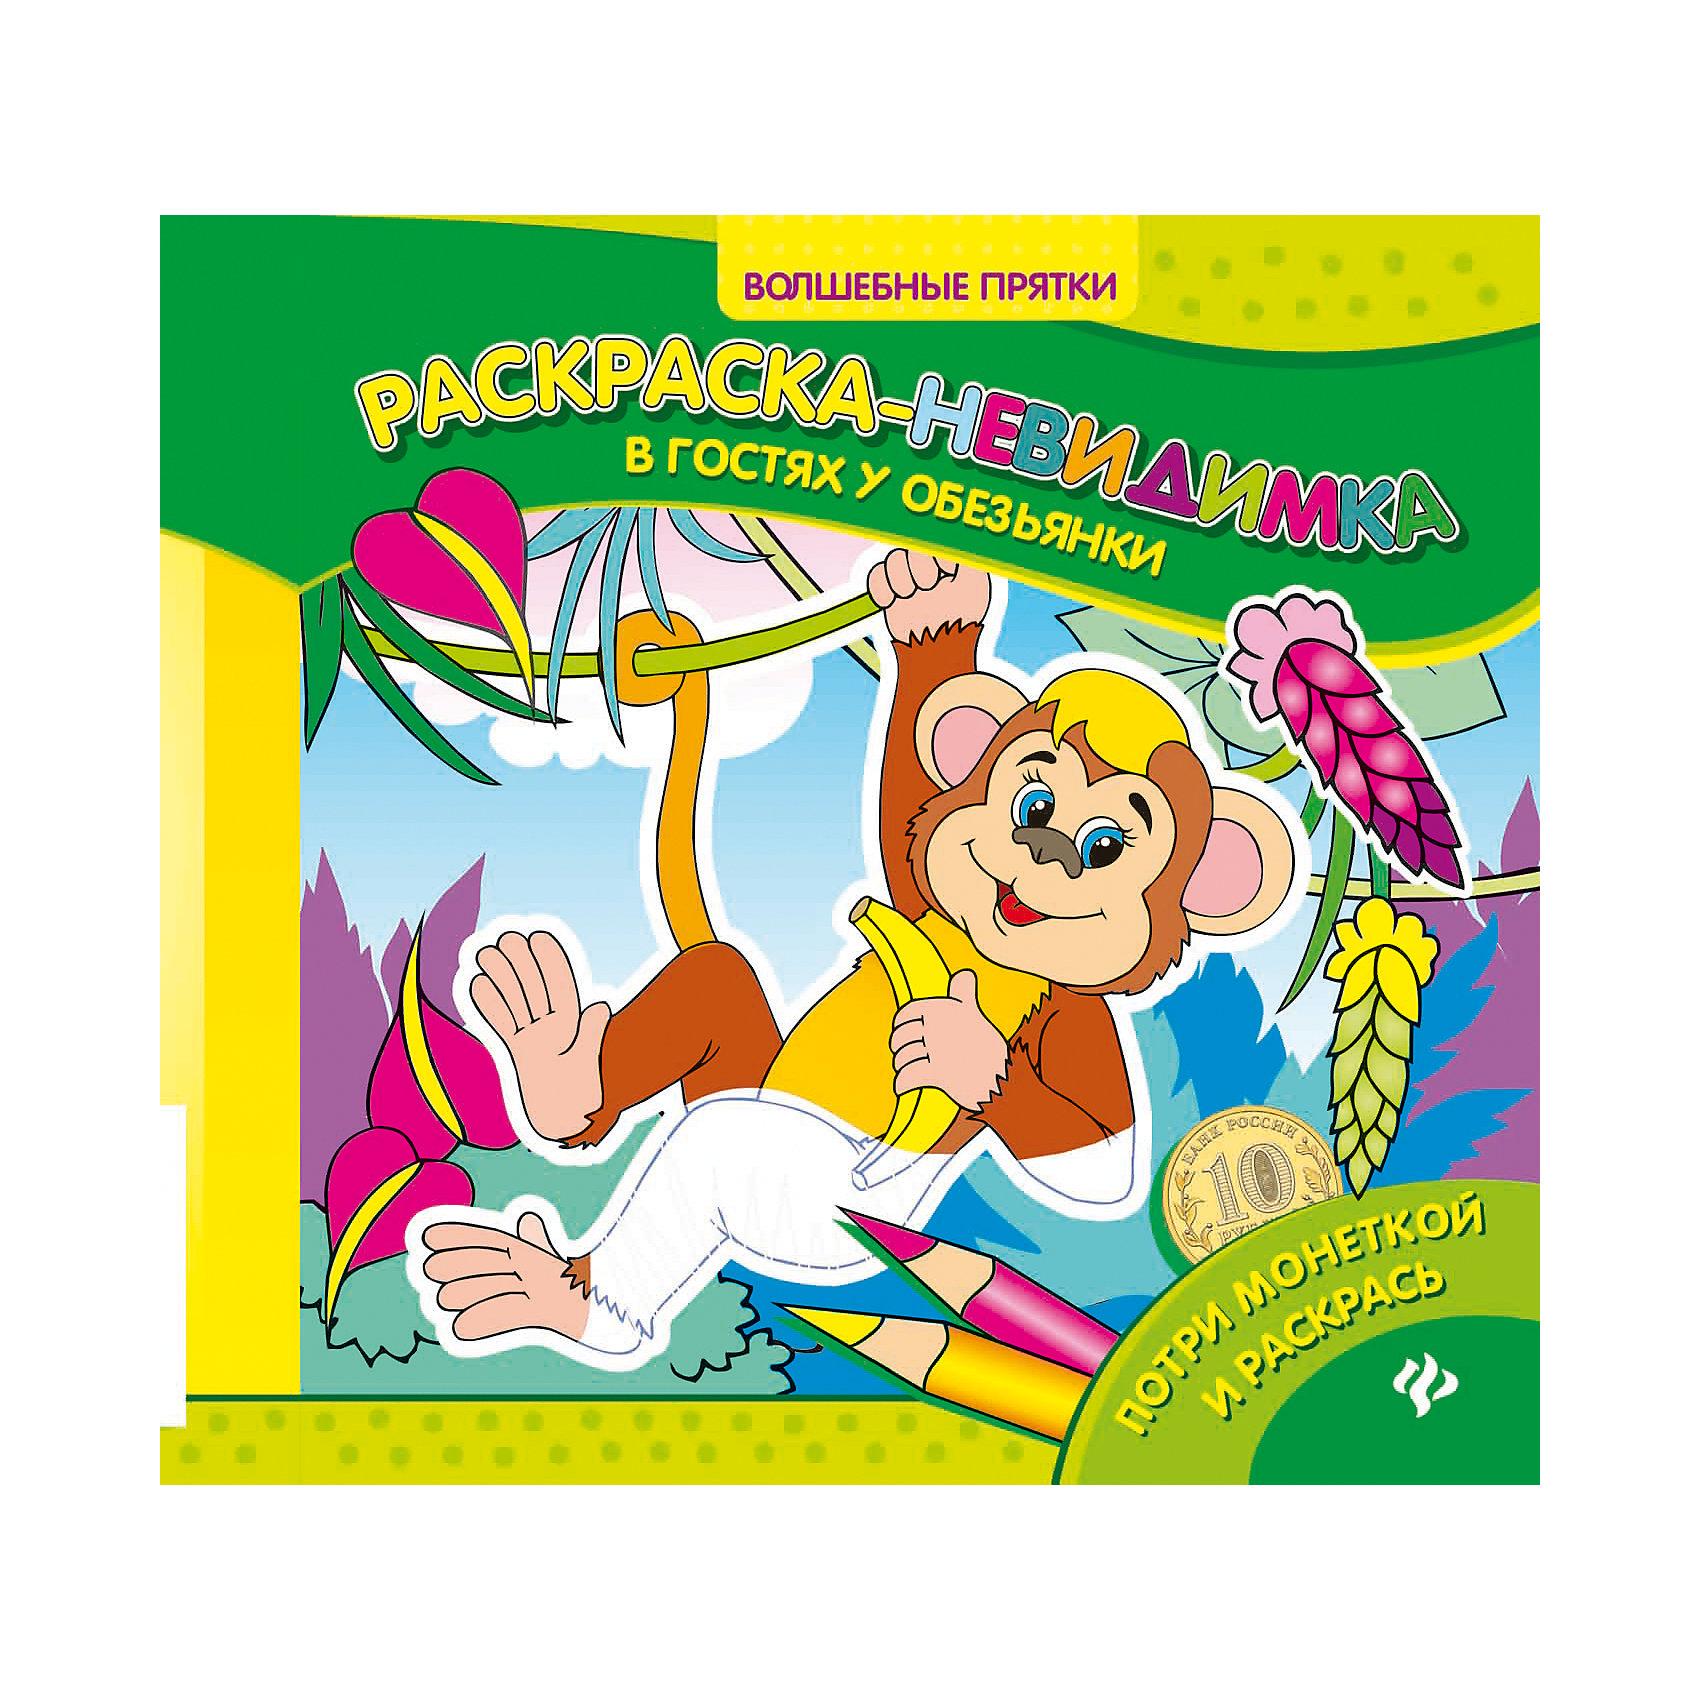 Раскраска-невидимка В гостях у обезьянкиРисование<br>Раскраска-невидимка В гостях у обезьянки<br><br>Характеристики: <br><br>• Кол-во страниц: 8<br>• ISBN:  9785222271049<br>• Возраст: 0+<br>• Обложка: мягкая глянцевая<br>• Формат: а4<br><br>Эта увлекательная раскраска содержит не простые иллюстрации, а те, которые еще надо отыскать. Если потереть белые силуэты на страницах монетой - можно обнаружить, что под ними прячутся различные звери и герои картинок, а затем с помощью удобных фломастеров или красок, раскрасить их так, как захочется.<br><br>Раскраска-невидимка В гостях у обезьянки можно купить в нашем интернет-магазине.<br><br>Ширина мм: 205<br>Глубина мм: 205<br>Высота мм: 10<br>Вес г: 37<br>Возраст от месяцев: -2147483648<br>Возраст до месяцев: 2147483647<br>Пол: Унисекс<br>Возраст: Детский<br>SKU: 5464487